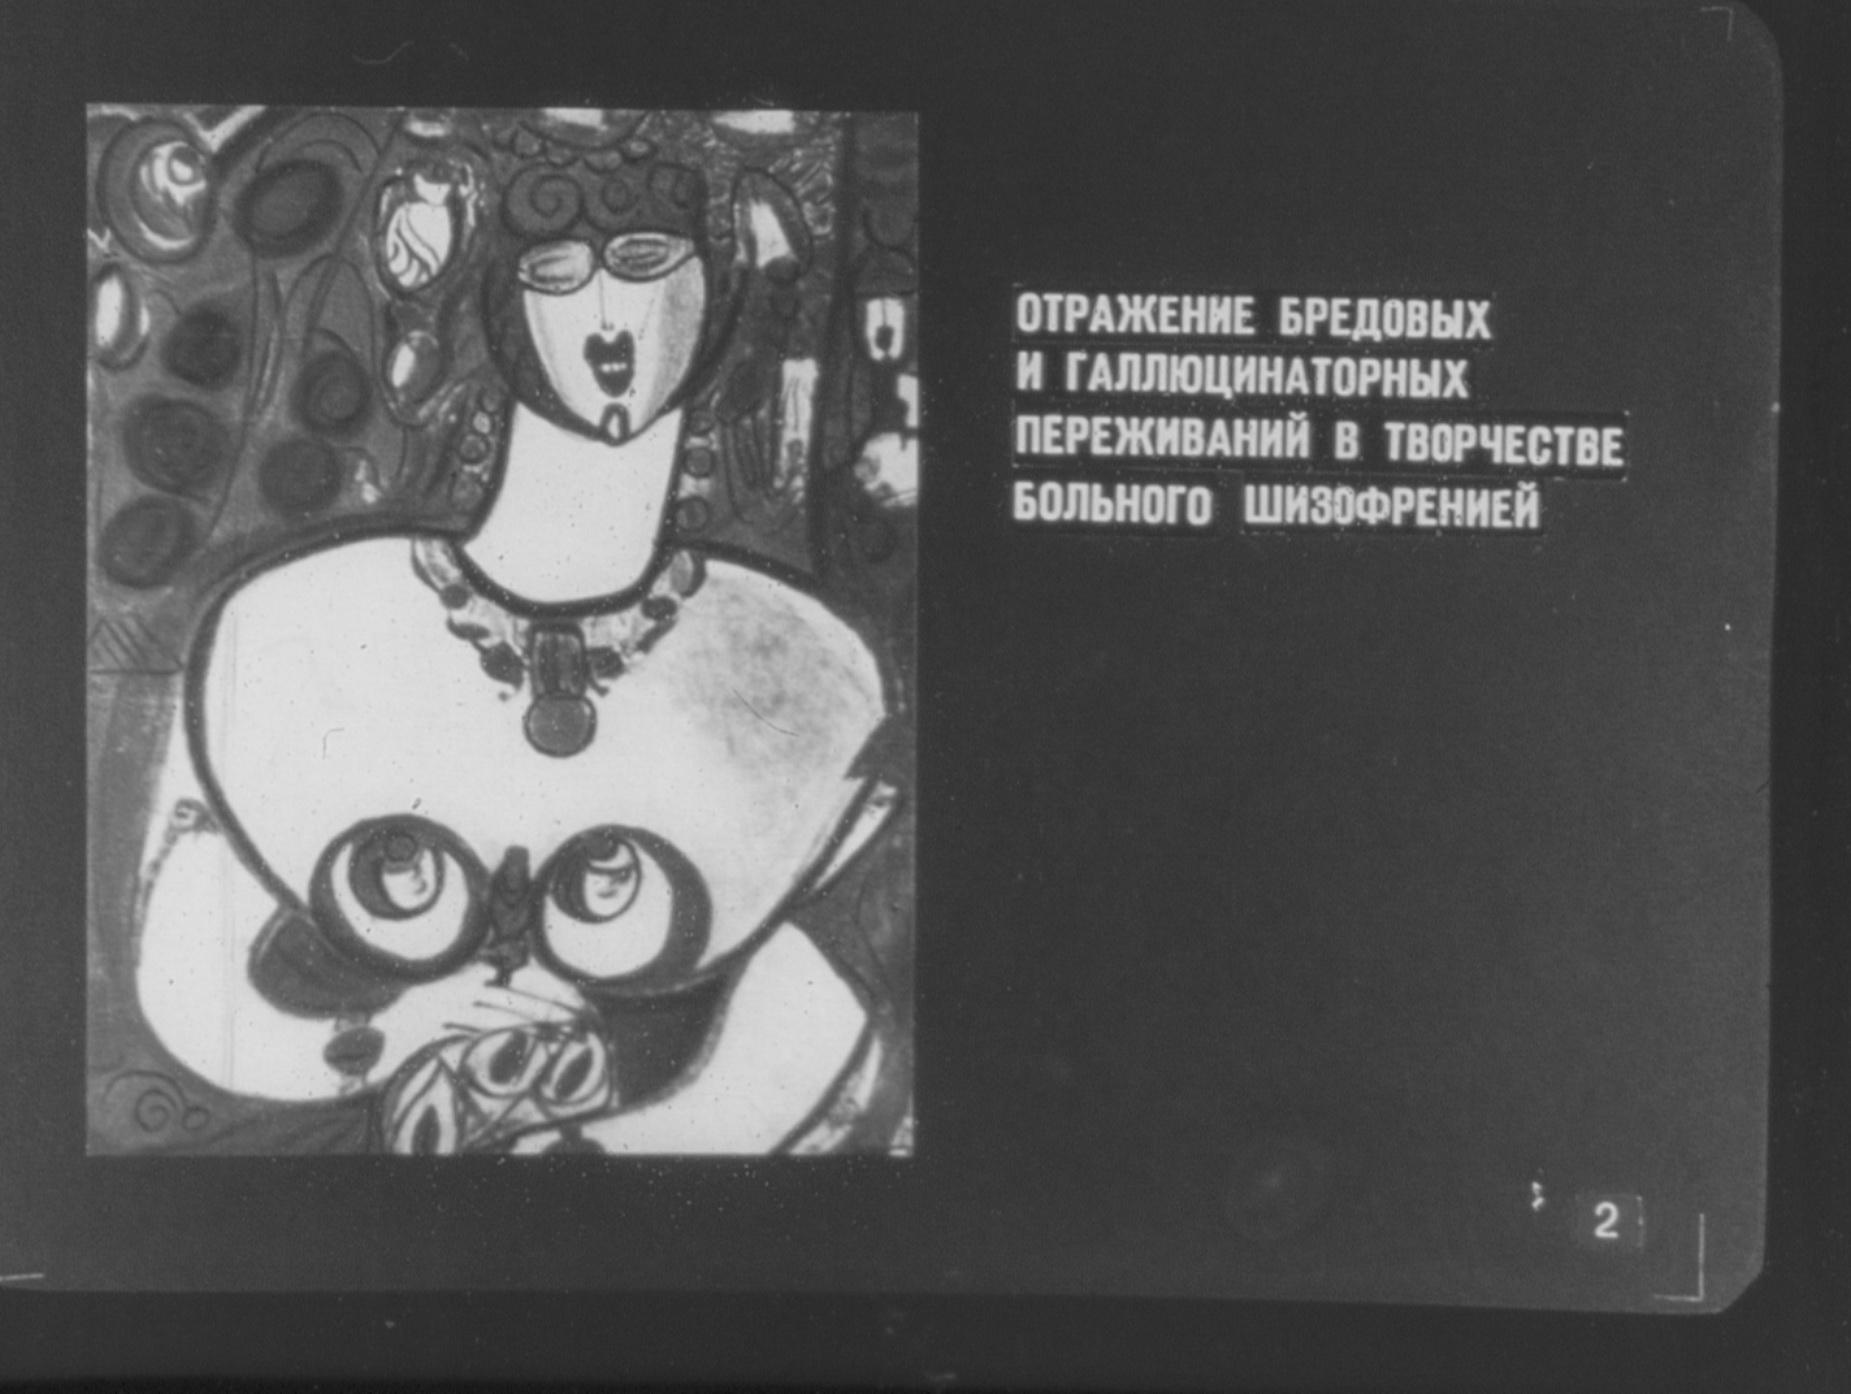 Отражение бредовых и галлюцинаторных переживаний в творчестве больнго шизофренией